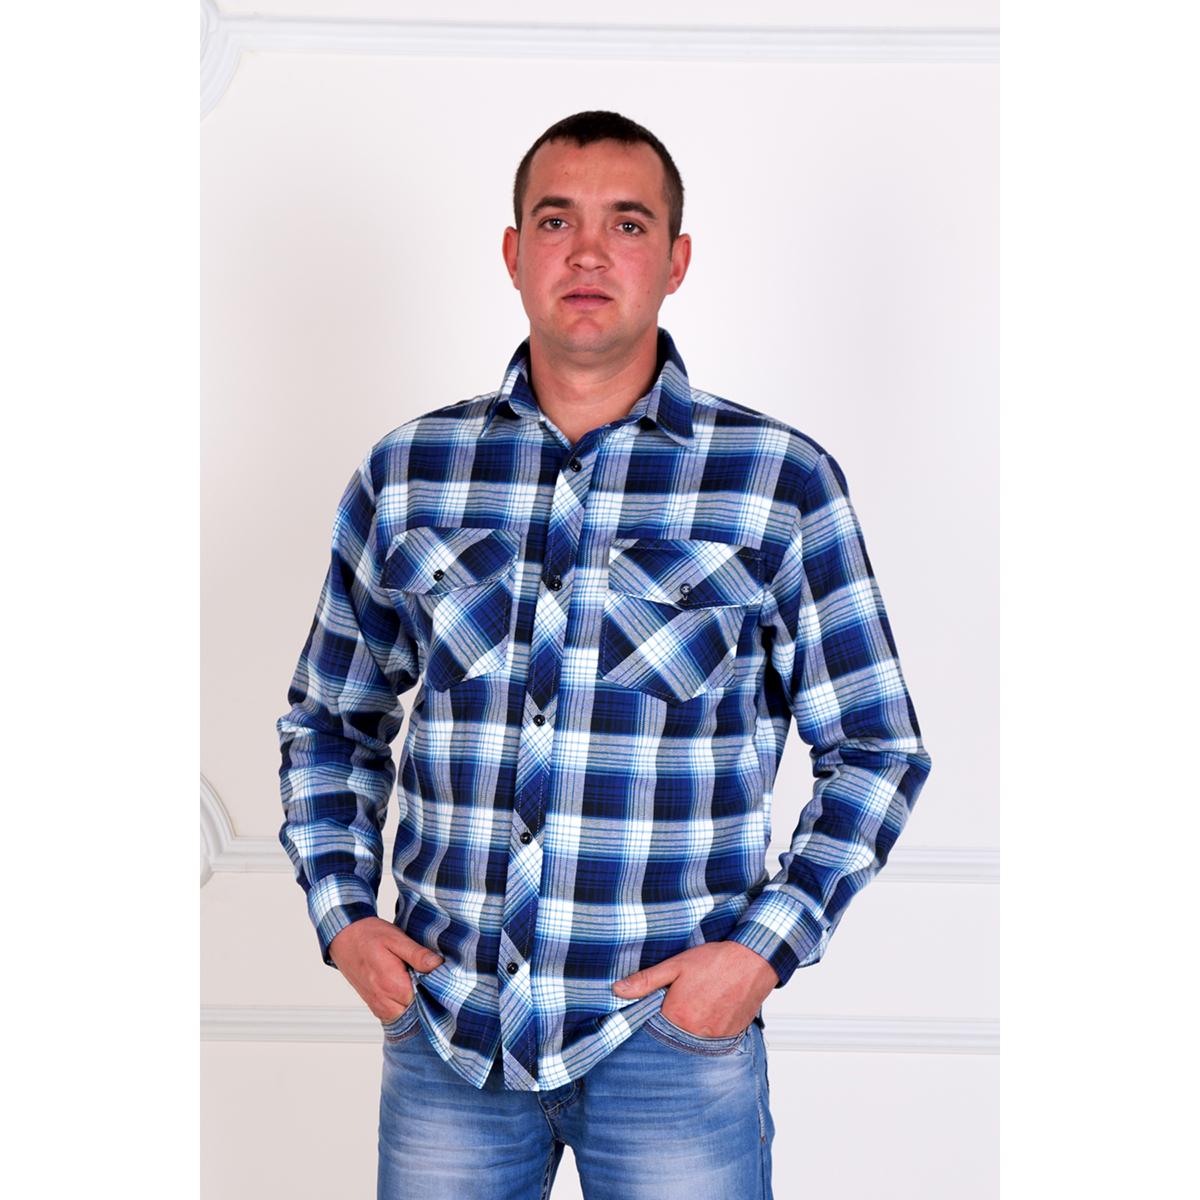 Мужская рубашка  Леонард , размер 72 - Мужская одежда артикул: 16822